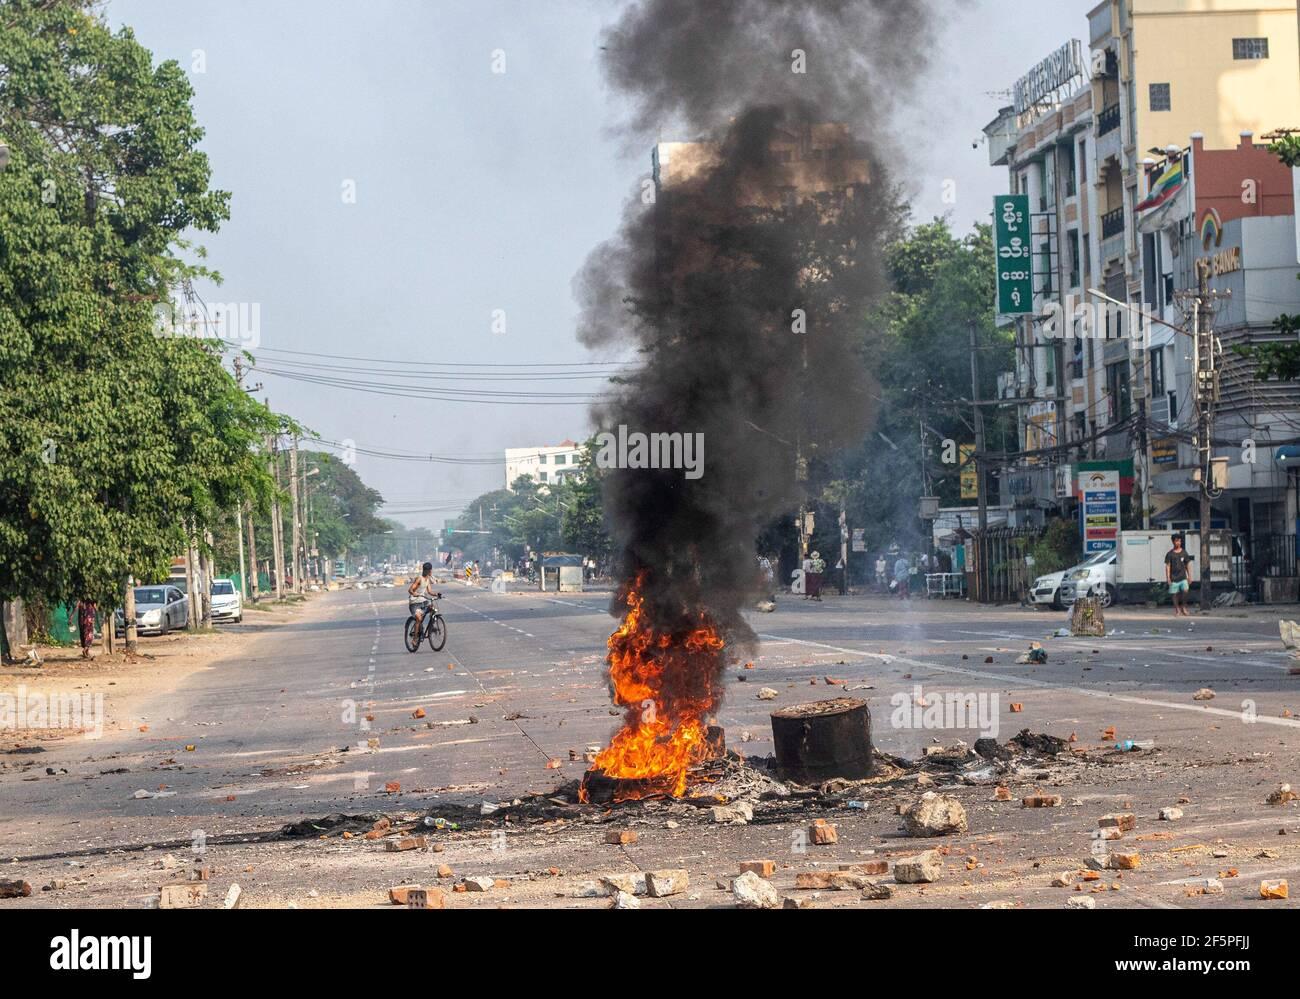 Brennende Reifen in der Mitte der Straße gesehen, um zu verhindern, dass Polizei und Militär die Anti-Demokratie-Demonstranten während eines Protests gegen den Militärputsch erreichen.Myanmar Polizei und Soldaten (Tatmadow) griff Demonstranten mit Gummigeschossen, Munition, Tränengas und Betäubungsbomben als Reaktion auf antimilitärische Putschisten am Samstag, die mehr als 90 Menschen getötet und viele andere verletzt haben. Mindestens 300 Menschen sind seit dem Putsch vom 1. Februar in Myanmar getötet worden, sagte ein Menschenrechtsbeamter der Vereinten Nationen. Das Militär von Myanmar hat am Februar die staatliche Beraterin von Myanmar, Aung San Suu Kyi, festgenommen Stockfoto